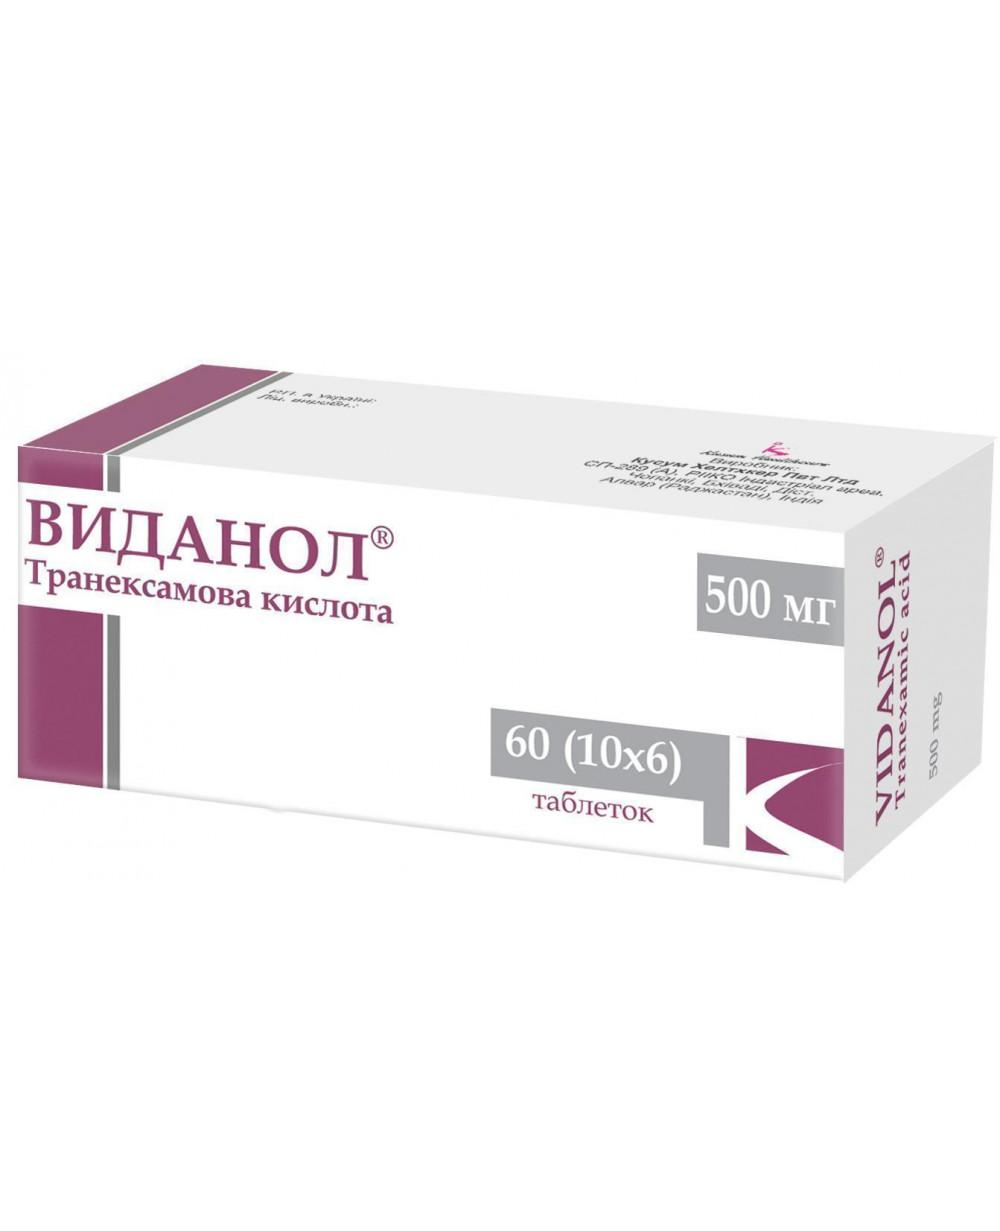 4459 ВИДАНОЛ® - Tranexamic acid